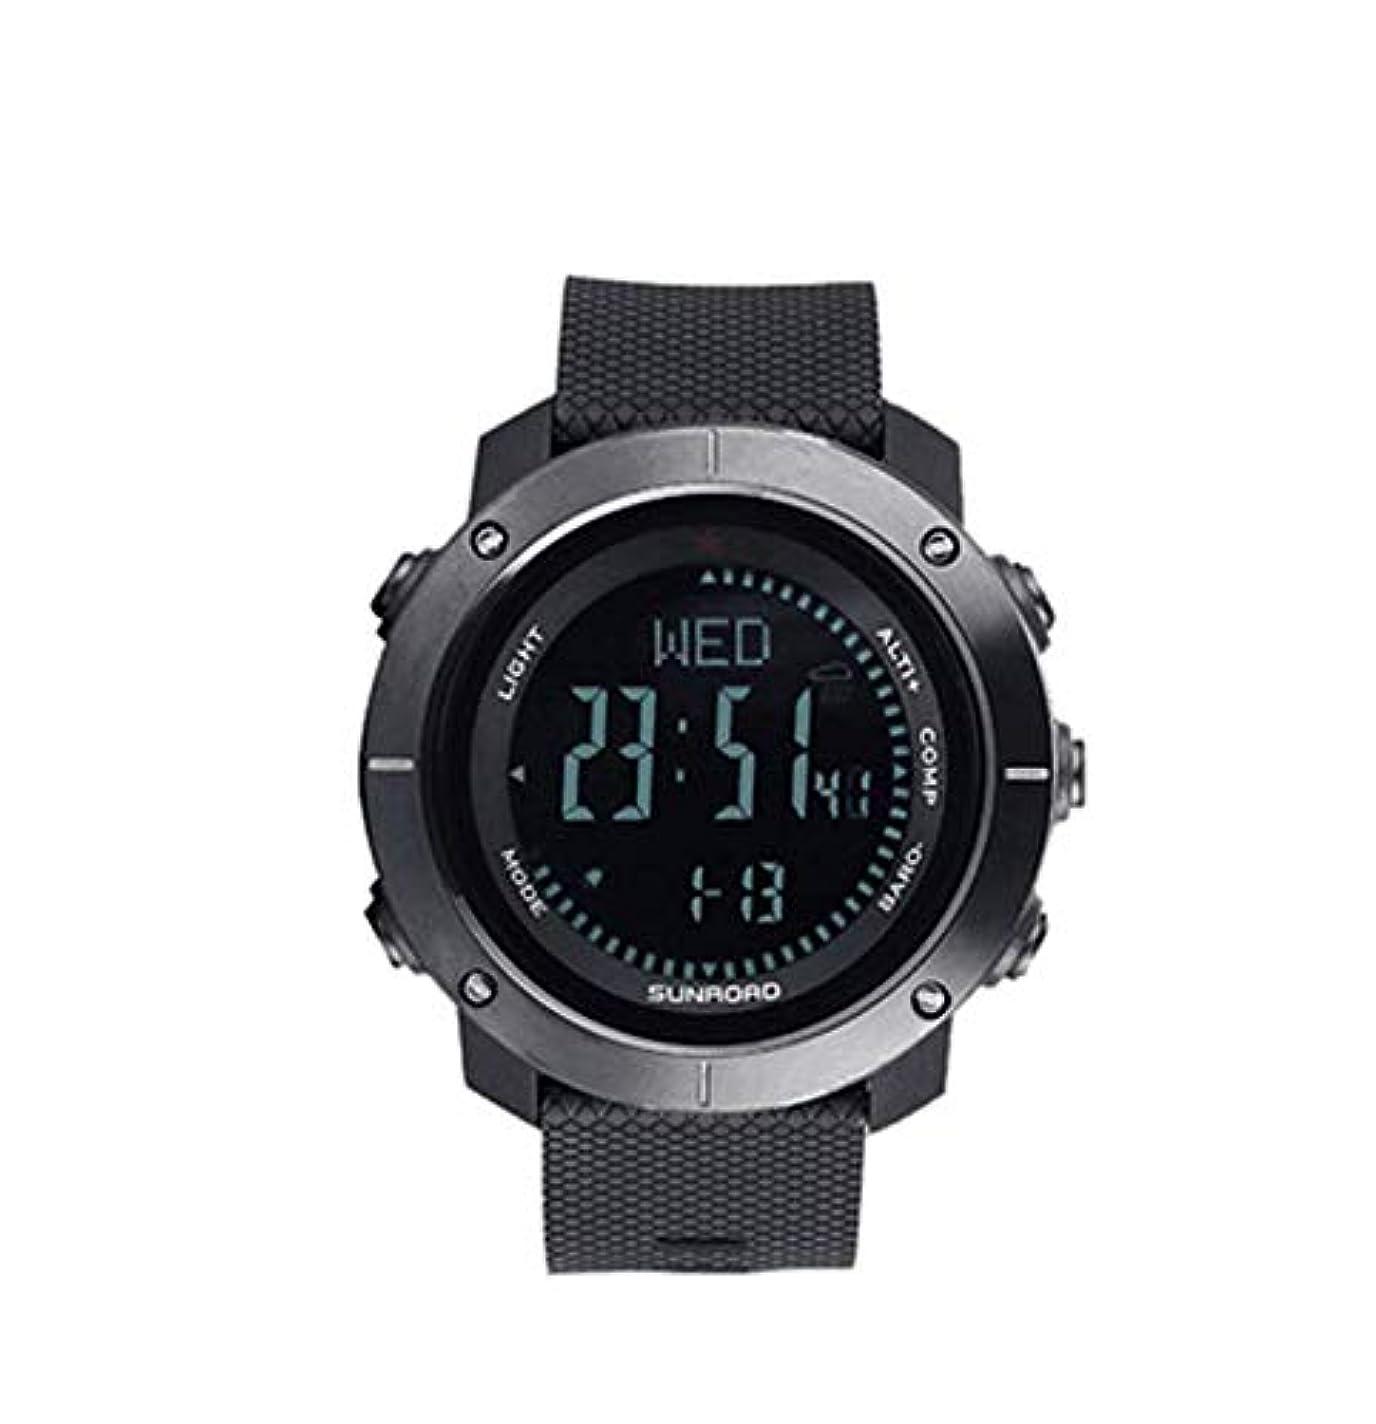 法律あざシンク歩道計の高度計のバロメーター機能のSunroadの走行の屋外スポーツの腕時計